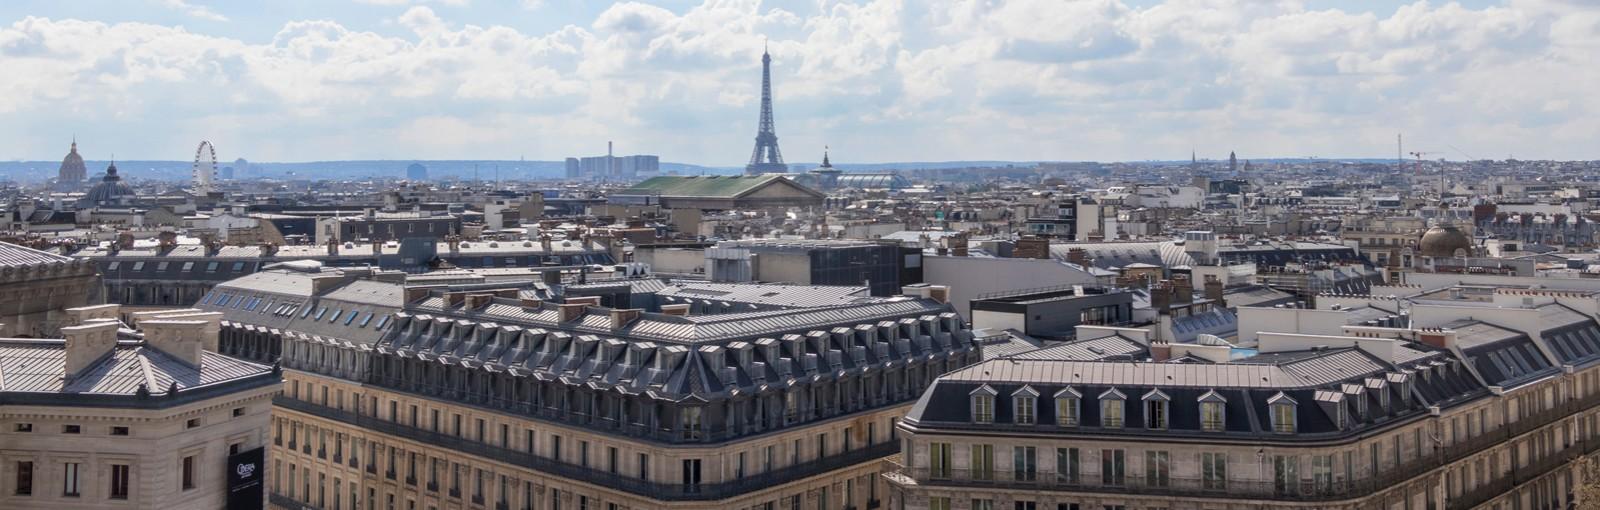 Toits de Paris depuis terrasse